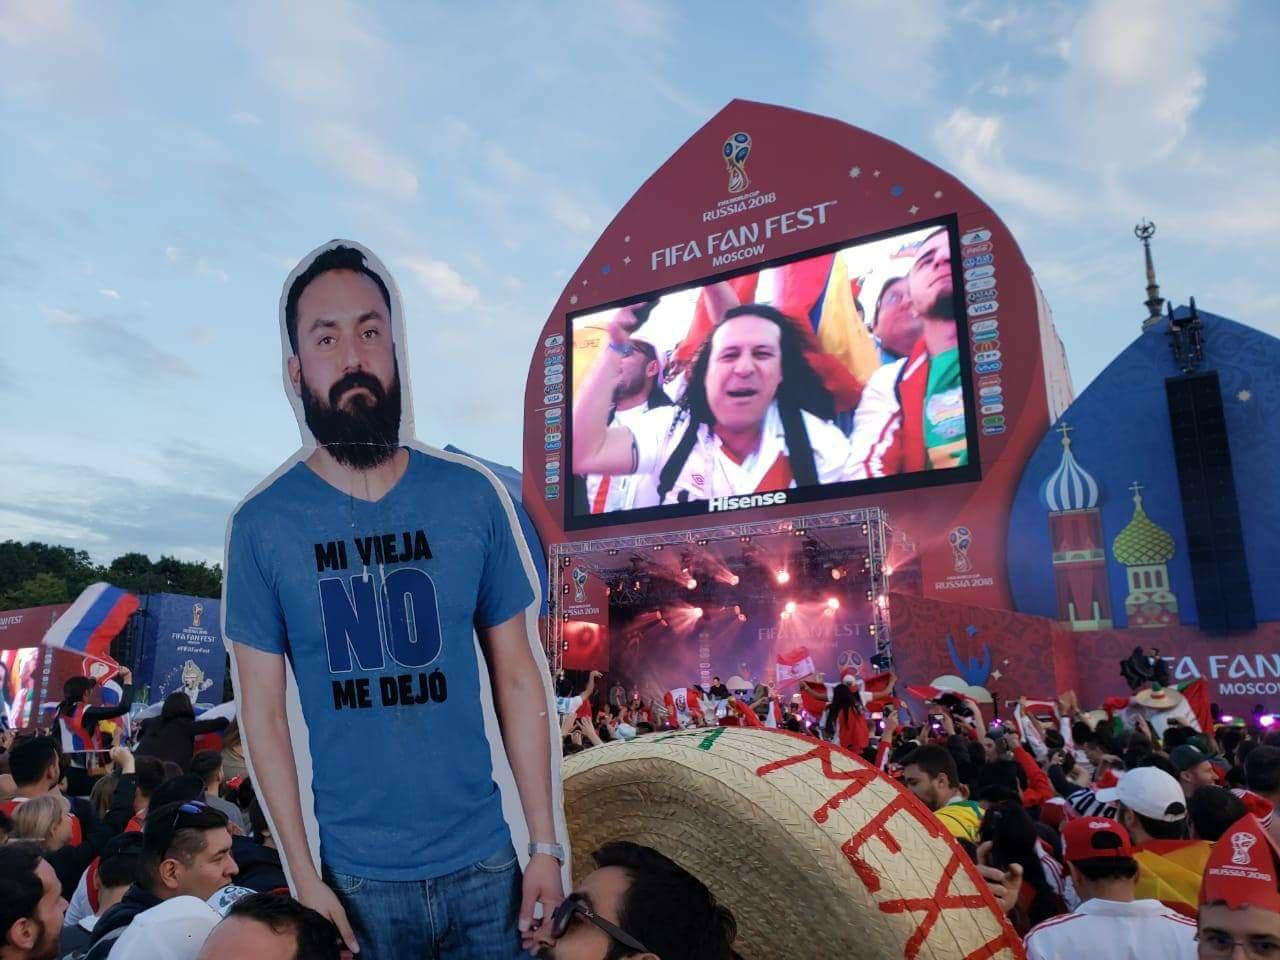 Mexicaan mag van vrouw niet naar WK vriendengroep verzint iets briljants 02